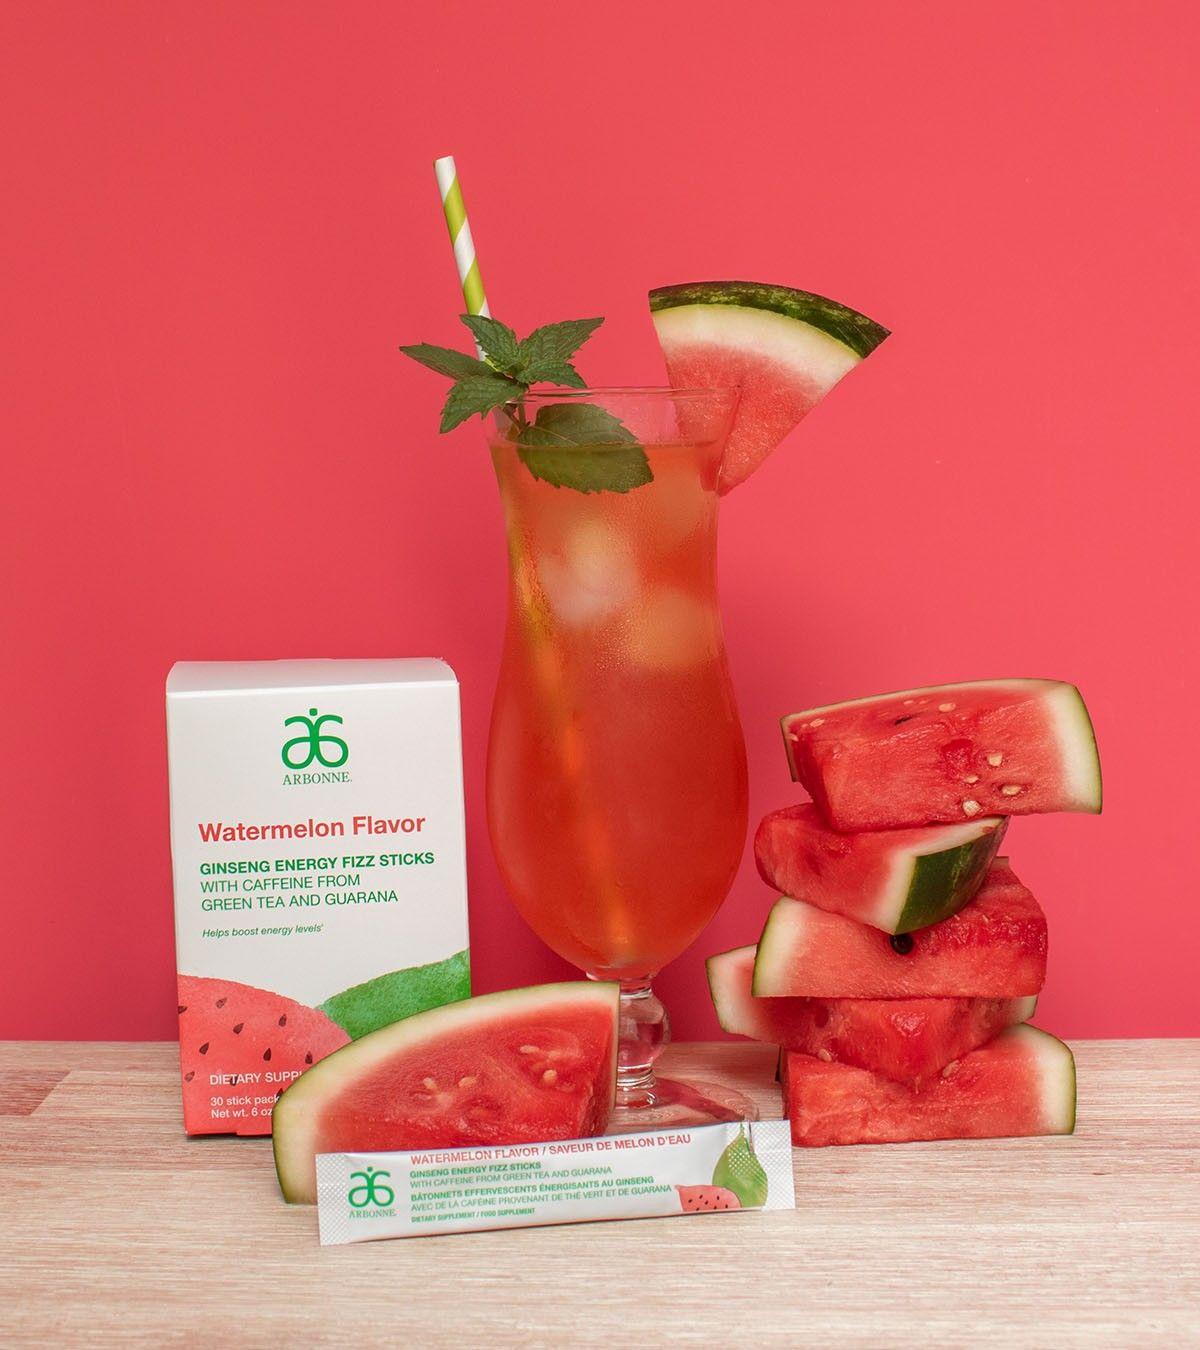 New Limited Edition Ginseng Energy Fizz Stick Watermelon Flavour In 2020 Fizz Sticks Arbonne Nutrition Arbonne